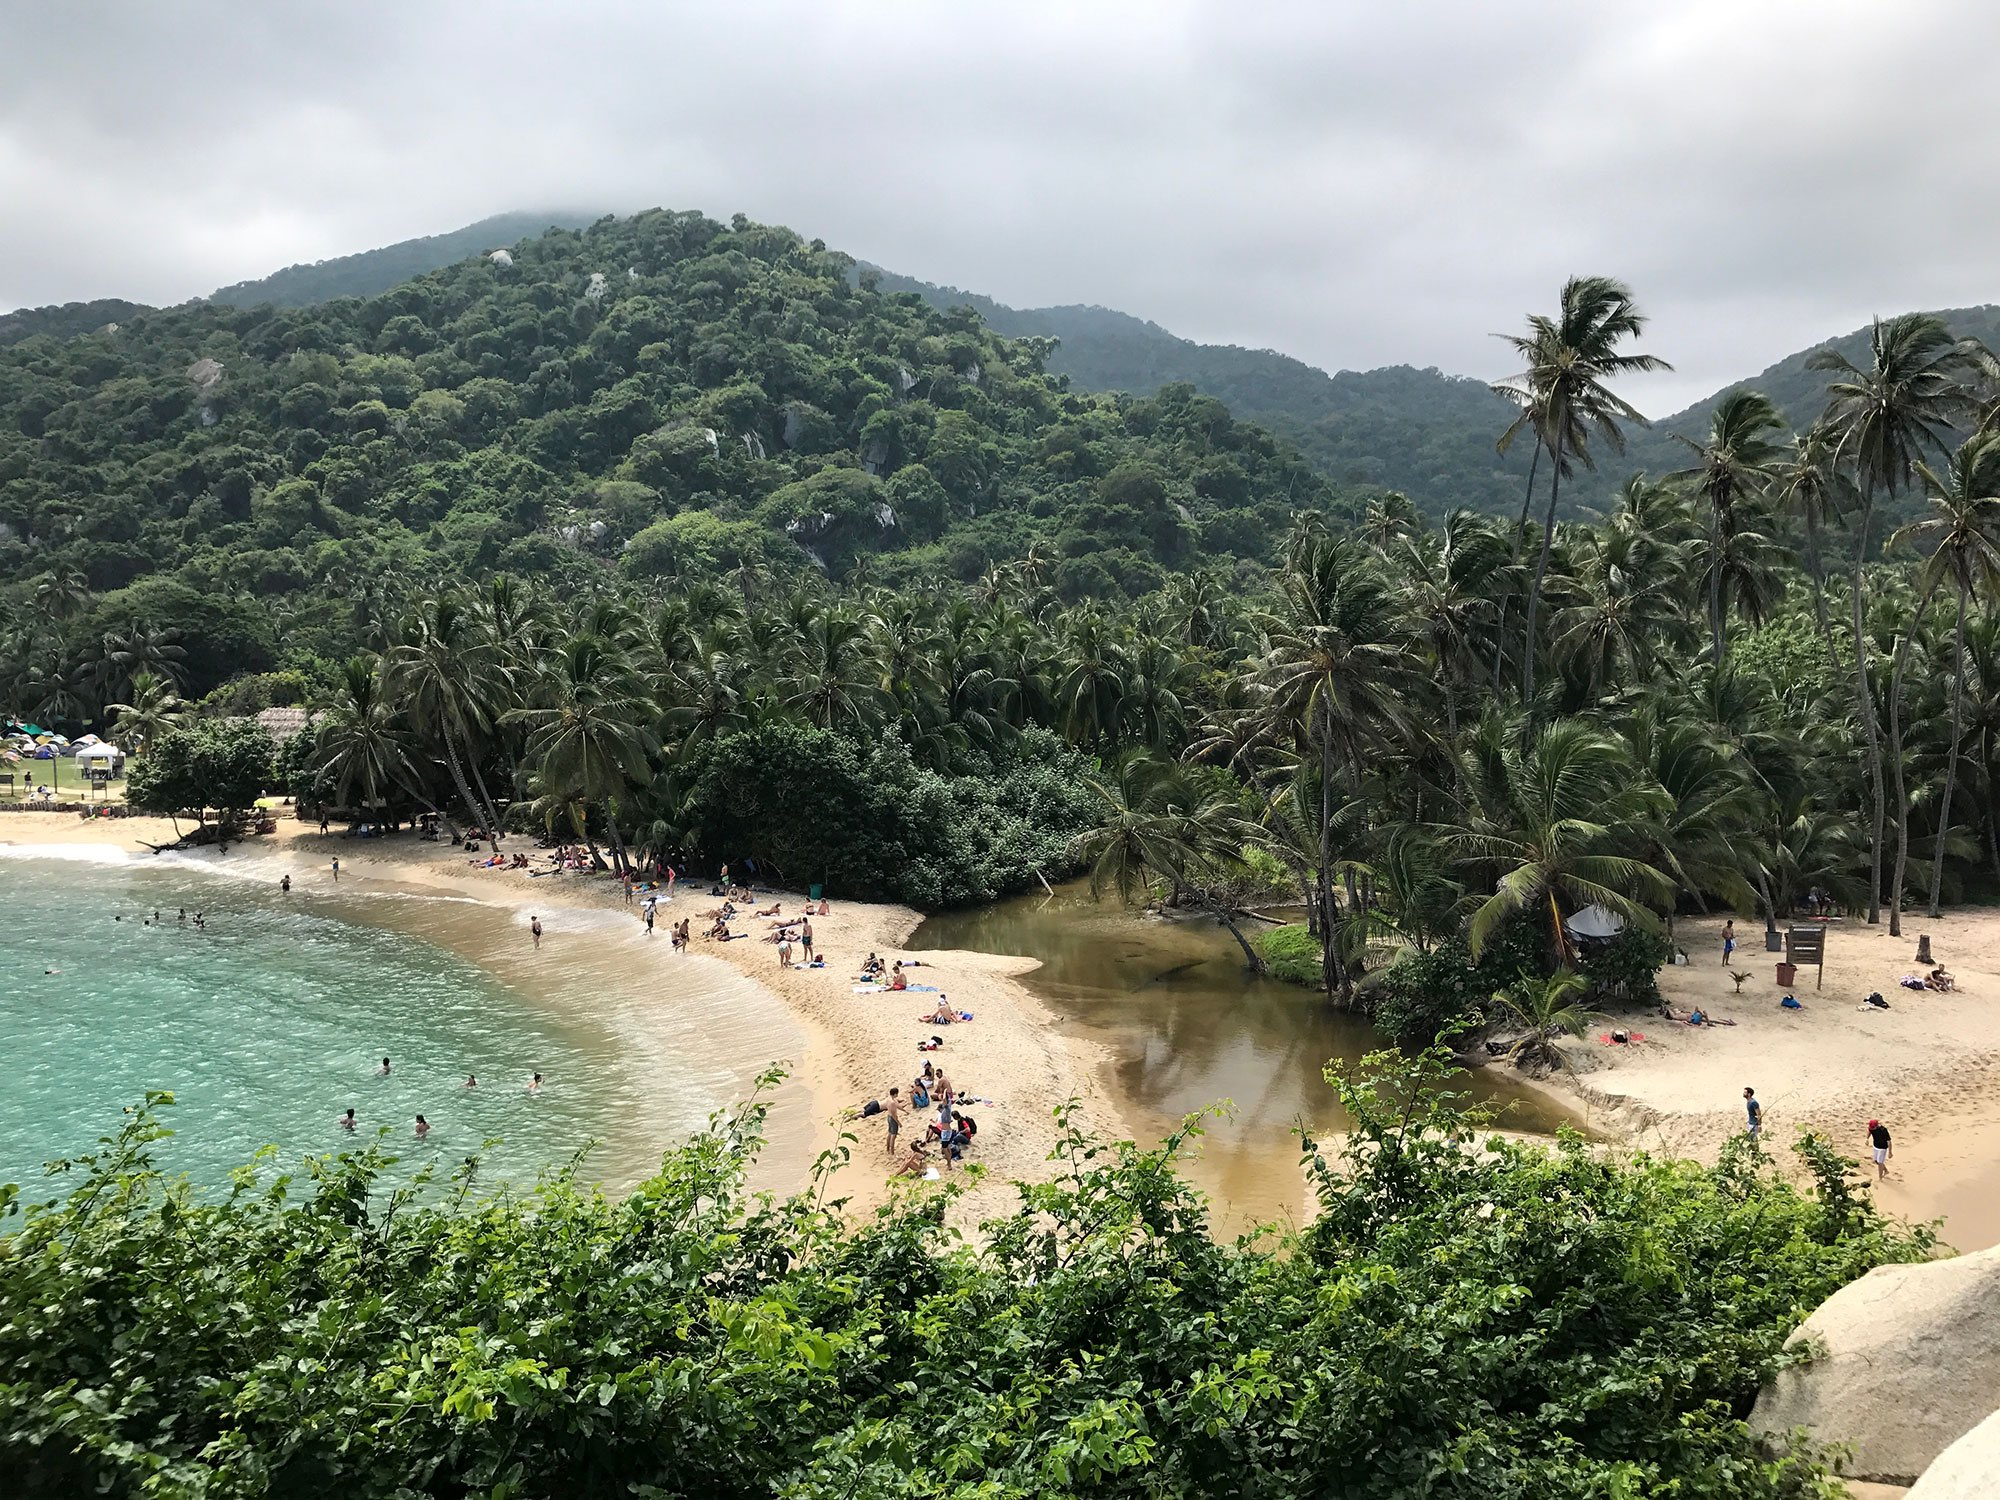 Mirror Beach at Cabo San Juan, Tayrona National Park, Colombia